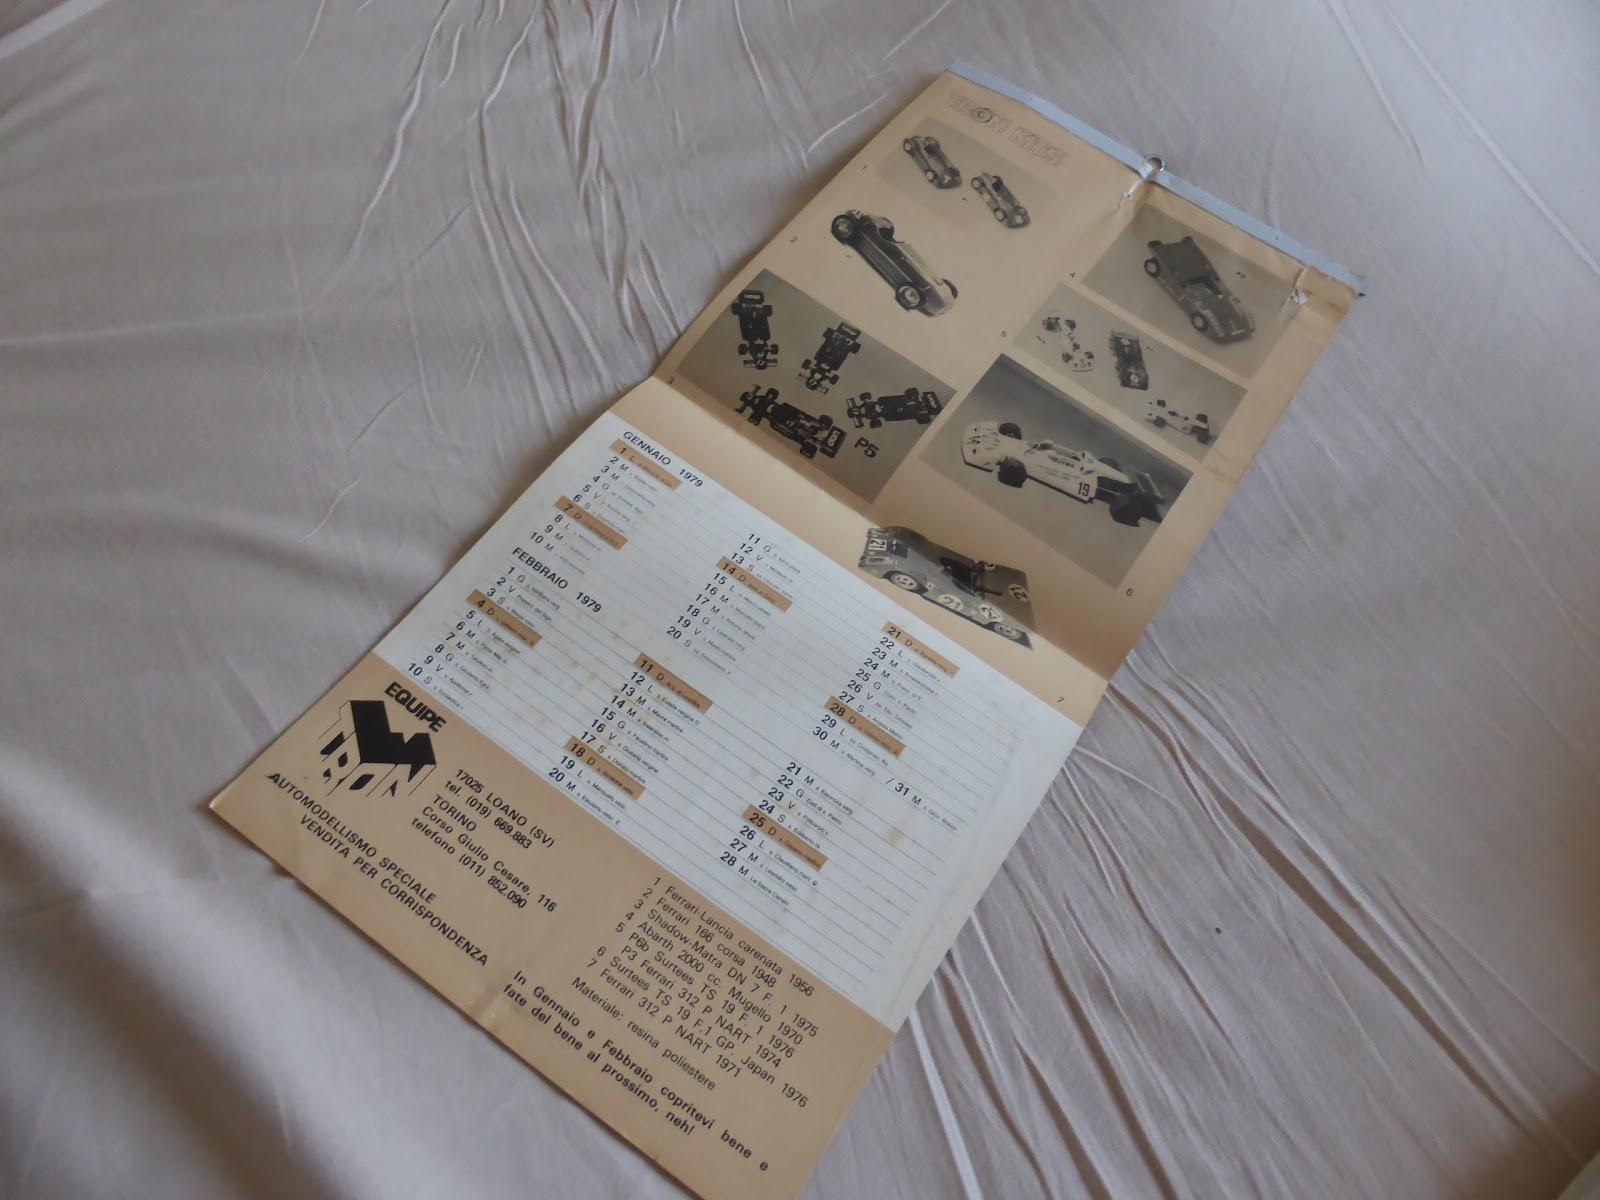 Calendario Del 1979.1 43 E Altro L Equipe Tron E Un Calendario Del 1979